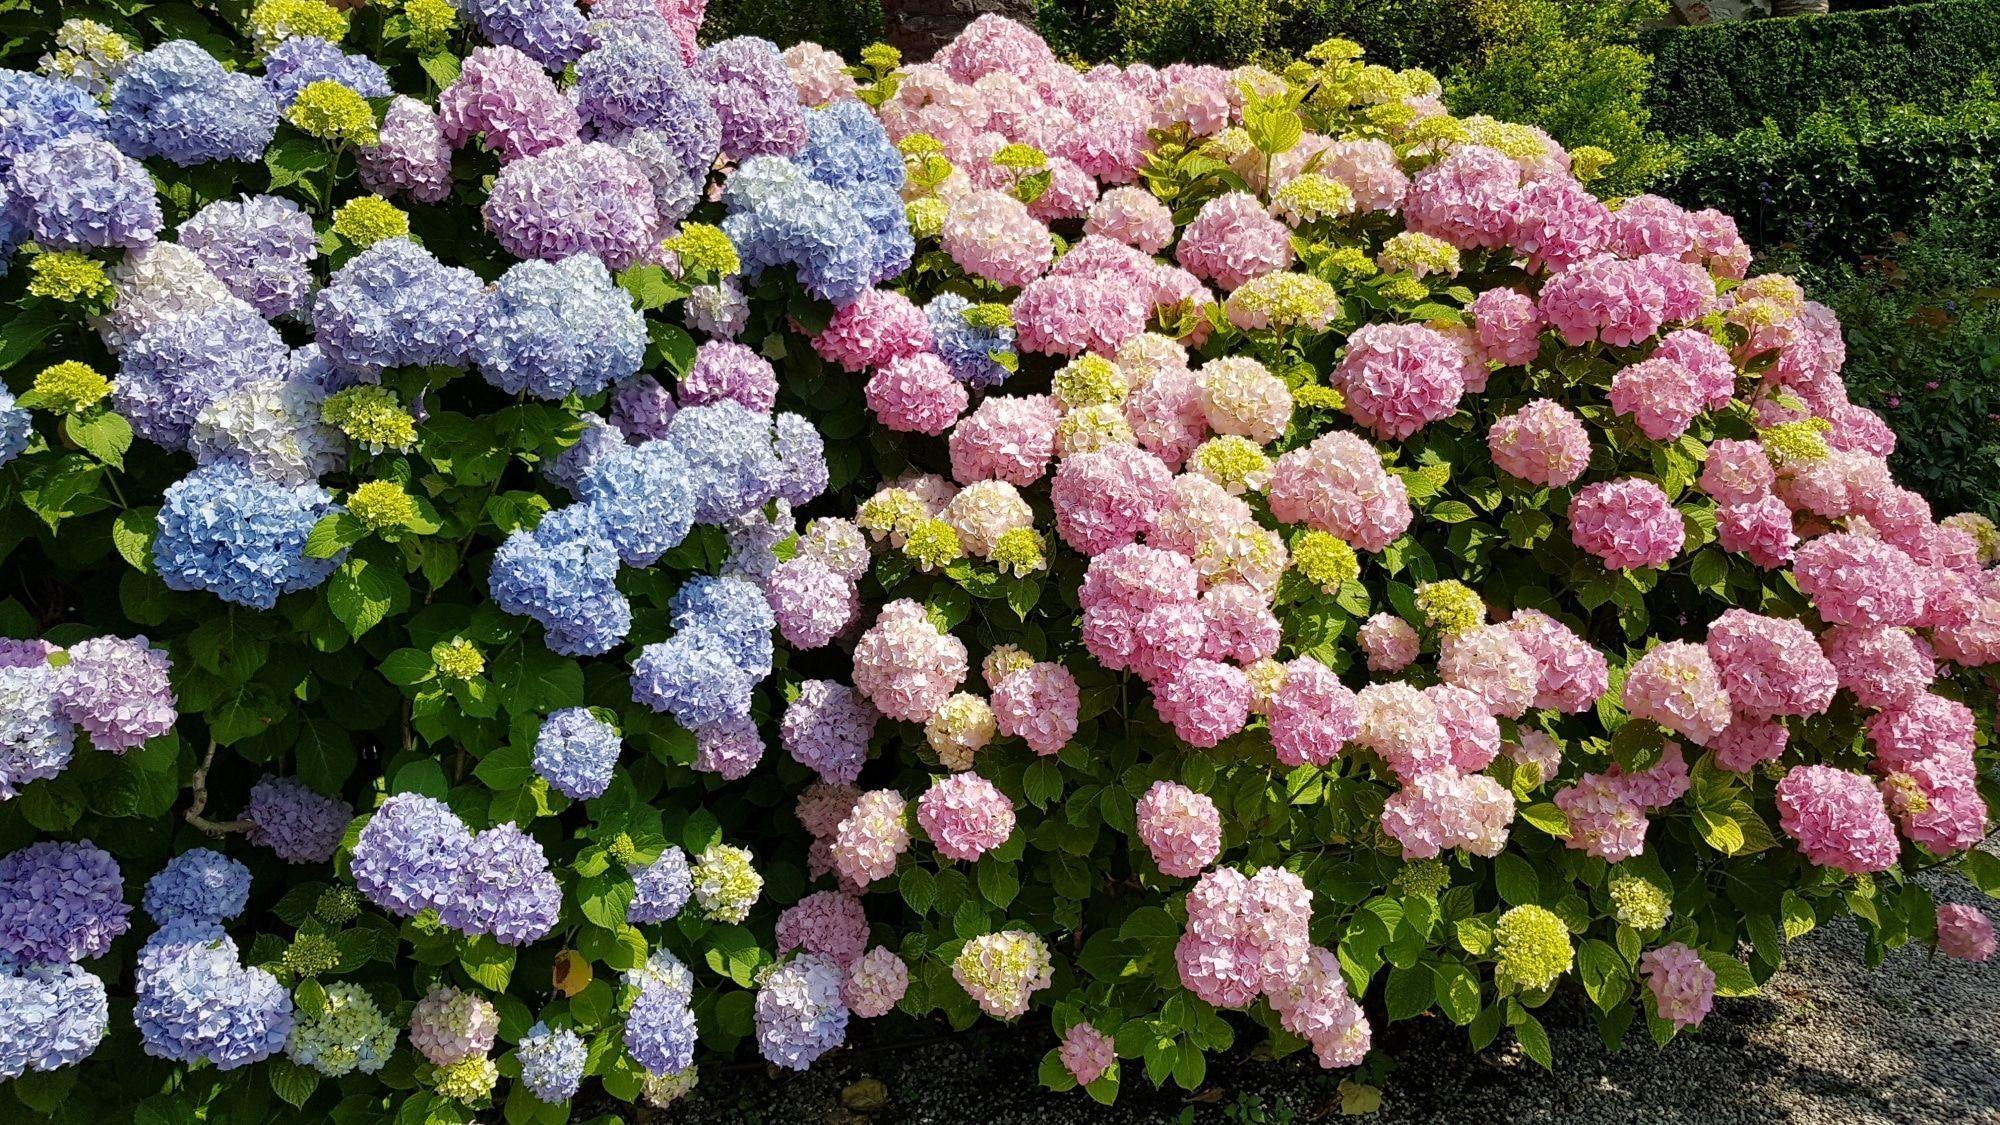 Hortensie, Hortensien, Hydrangeaceae #hortensienvermehren #hortensien , #hortensien , #vermehren ceae: Hortensien pflanzen, pflegen und #vermehren - kein Problem! So gelingen die Sträucher im Beet und Topf! #hortensienvermehren Hortensie, Hortensien, Hydrangeaceae #hortensienvermehren #hortensien , #hortensien , #vermehren ceae: Hortensien pflanzen, pflegen und #vermehren - kein Problem! So gelingen die Sträucher im Beet und Topf! #hortensienvermehren